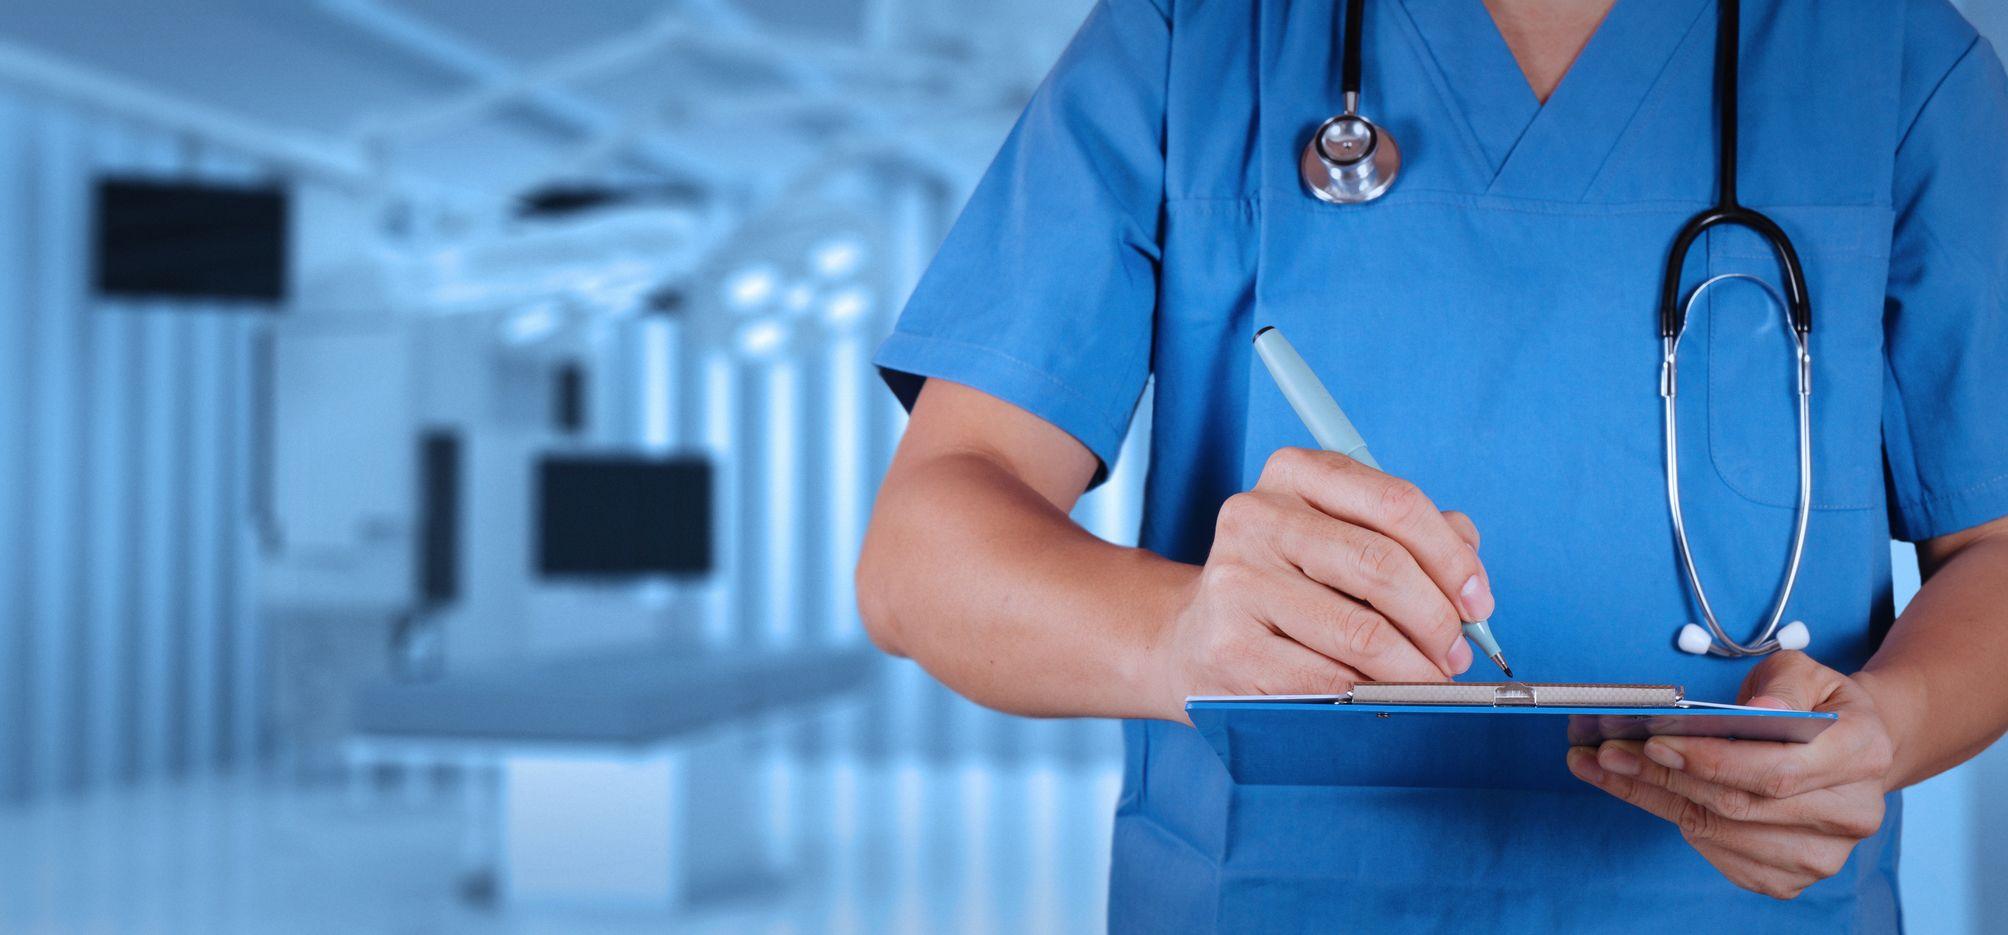 Mann im blauen Kittel mit Stetoskop um den Hals steht in einem medizinischen Behandlungsraum und schreibt etwas auf einem Block